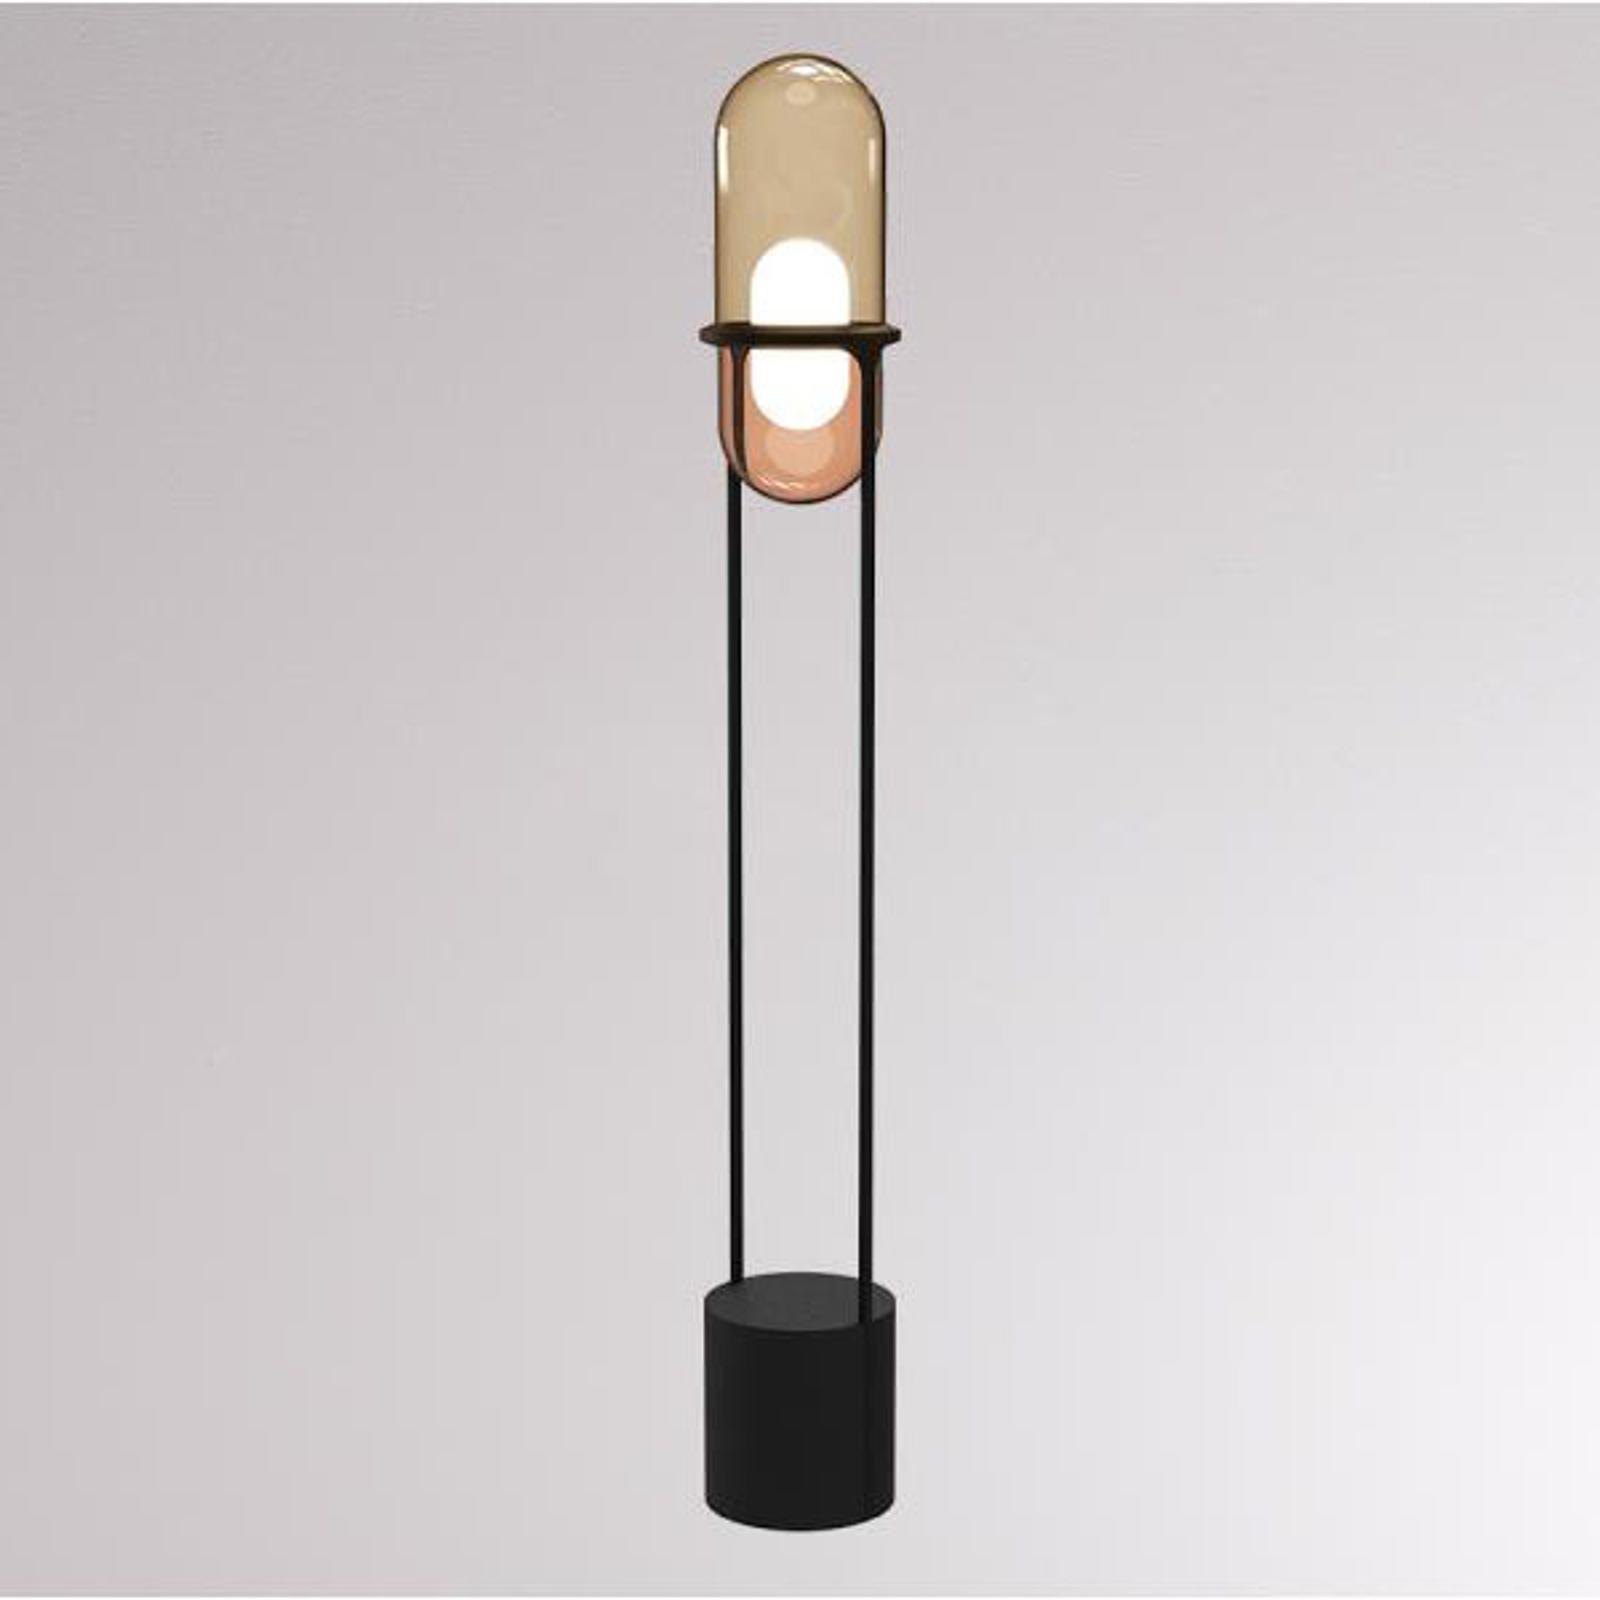 LOUM Pille LED-Stehleuchte champagner/kupfer